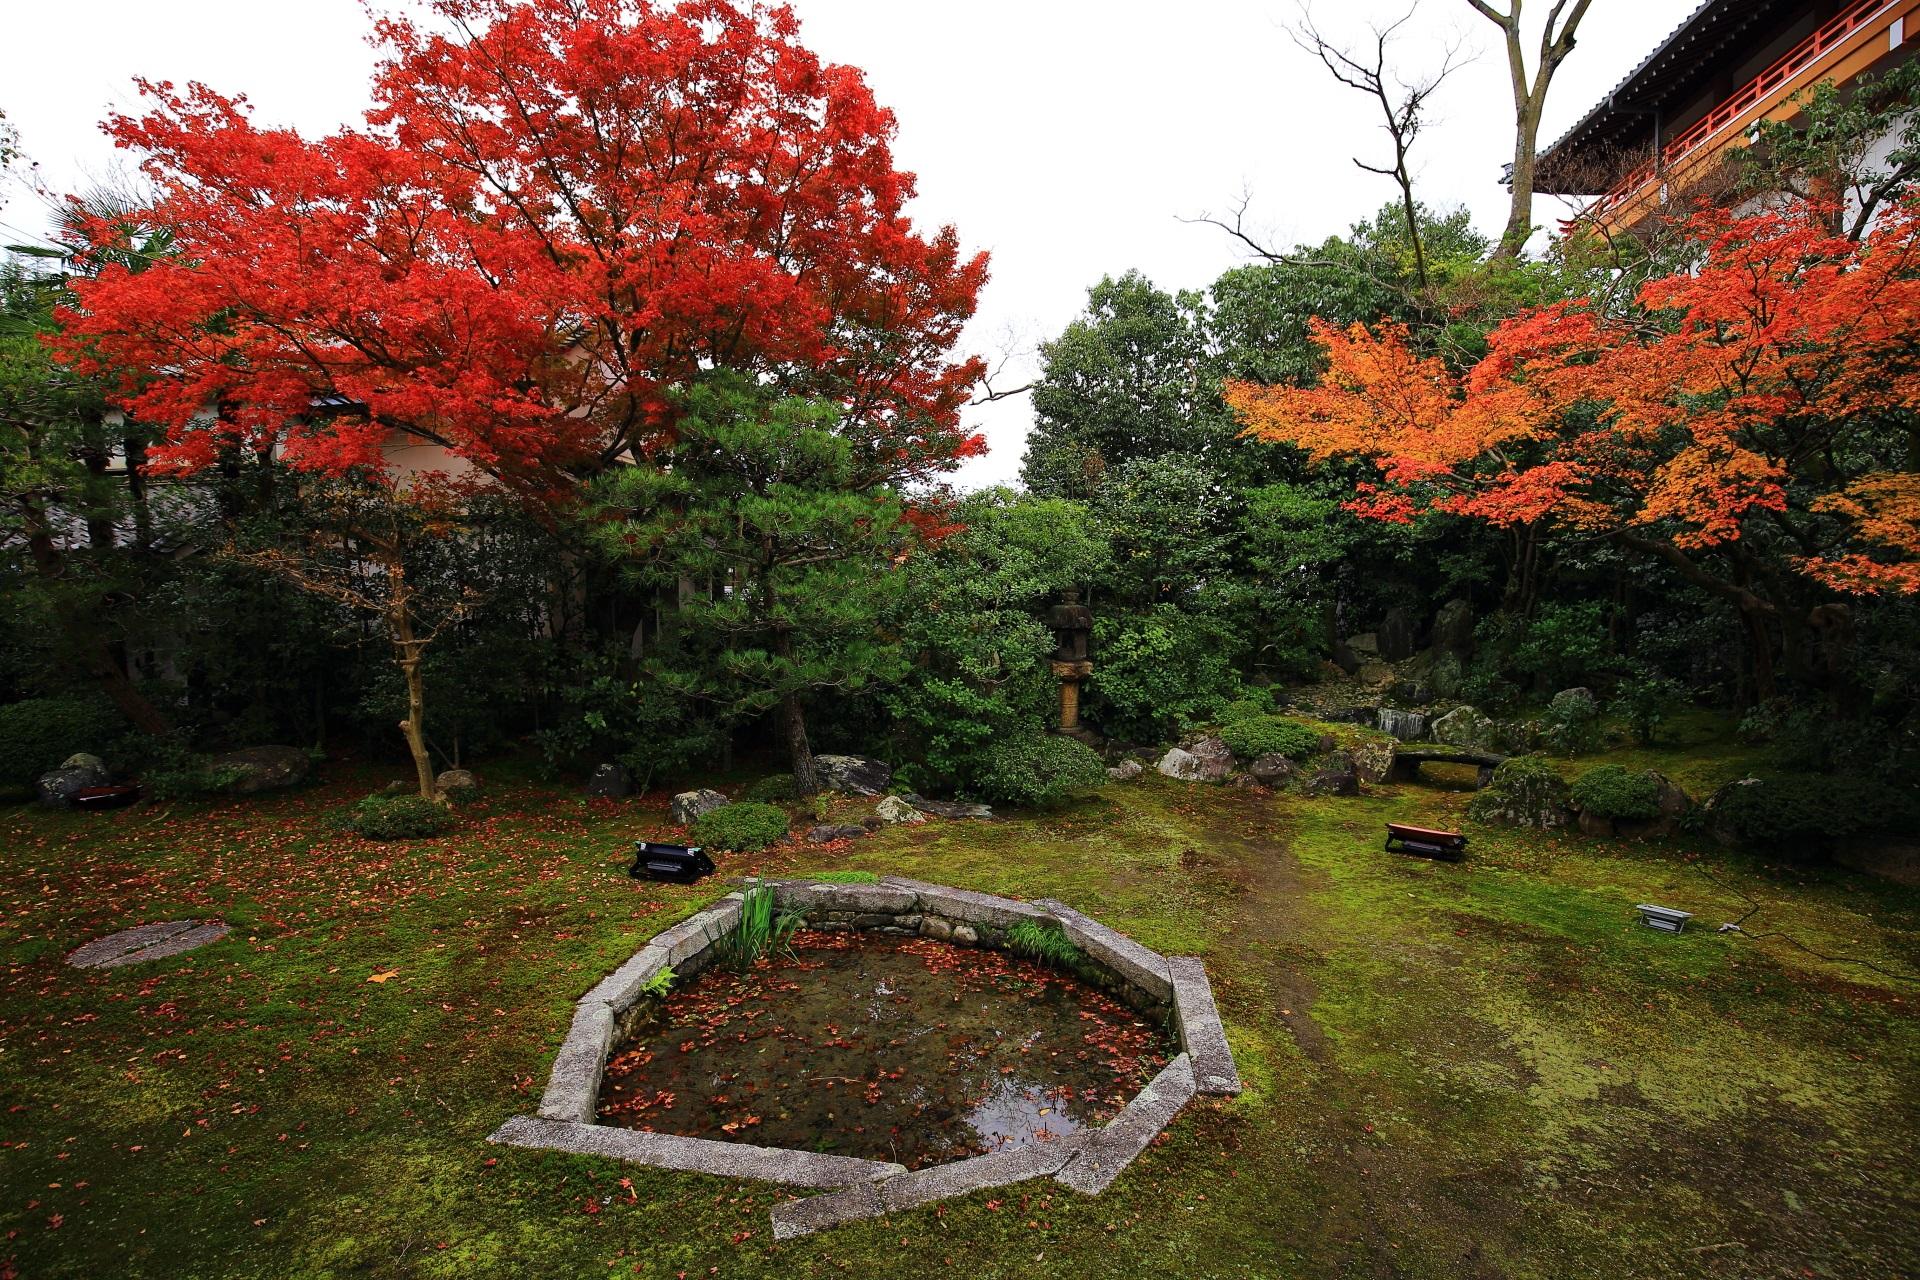 本法寺 紅葉 鮮やかな秋色と華やかな散りもみじ